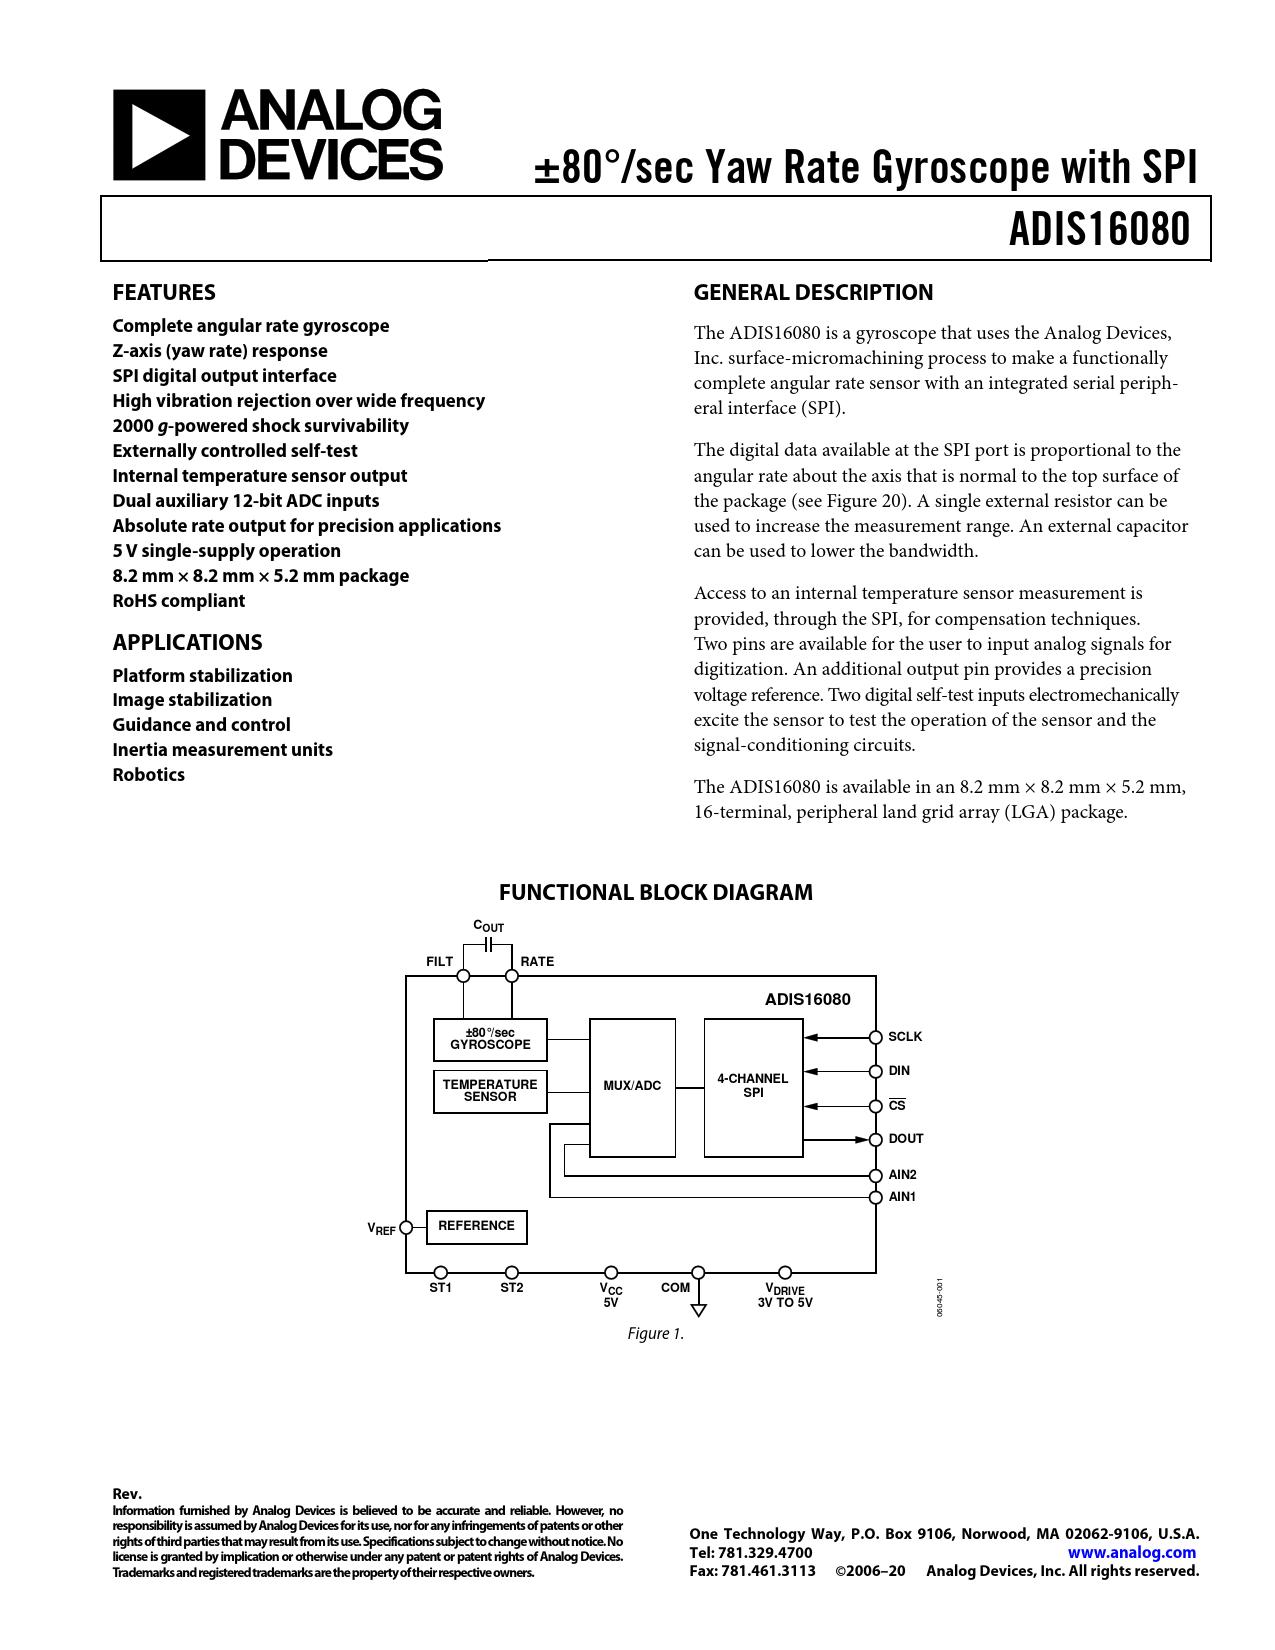 Datasheet ADIS16080 Analog Devices, Revision: C